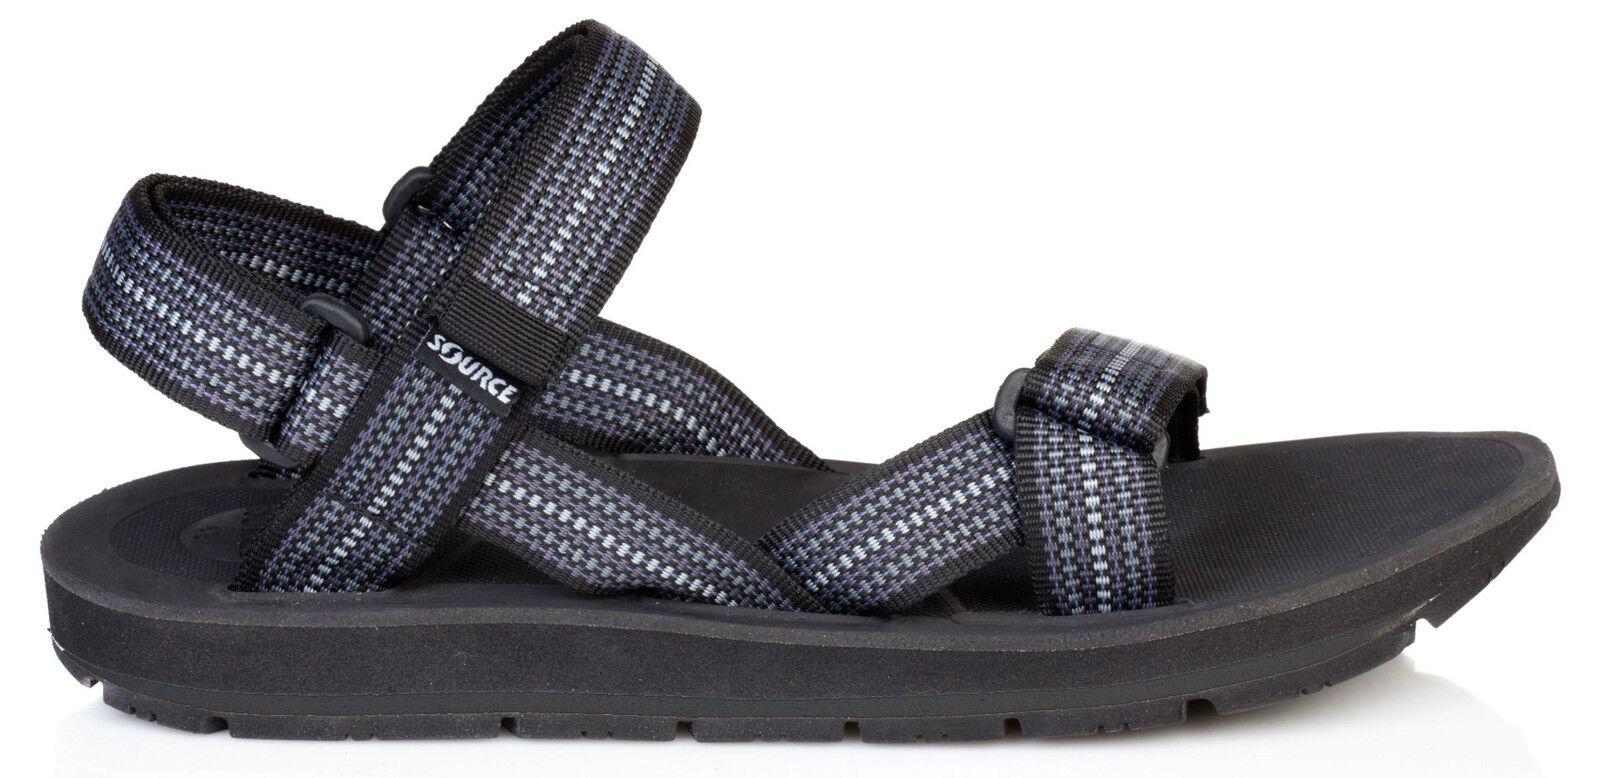 Sandali e scarpe per il mare da uomo Source Stream Uomo Sport Trekking Sandalo nuovi colori per 2018